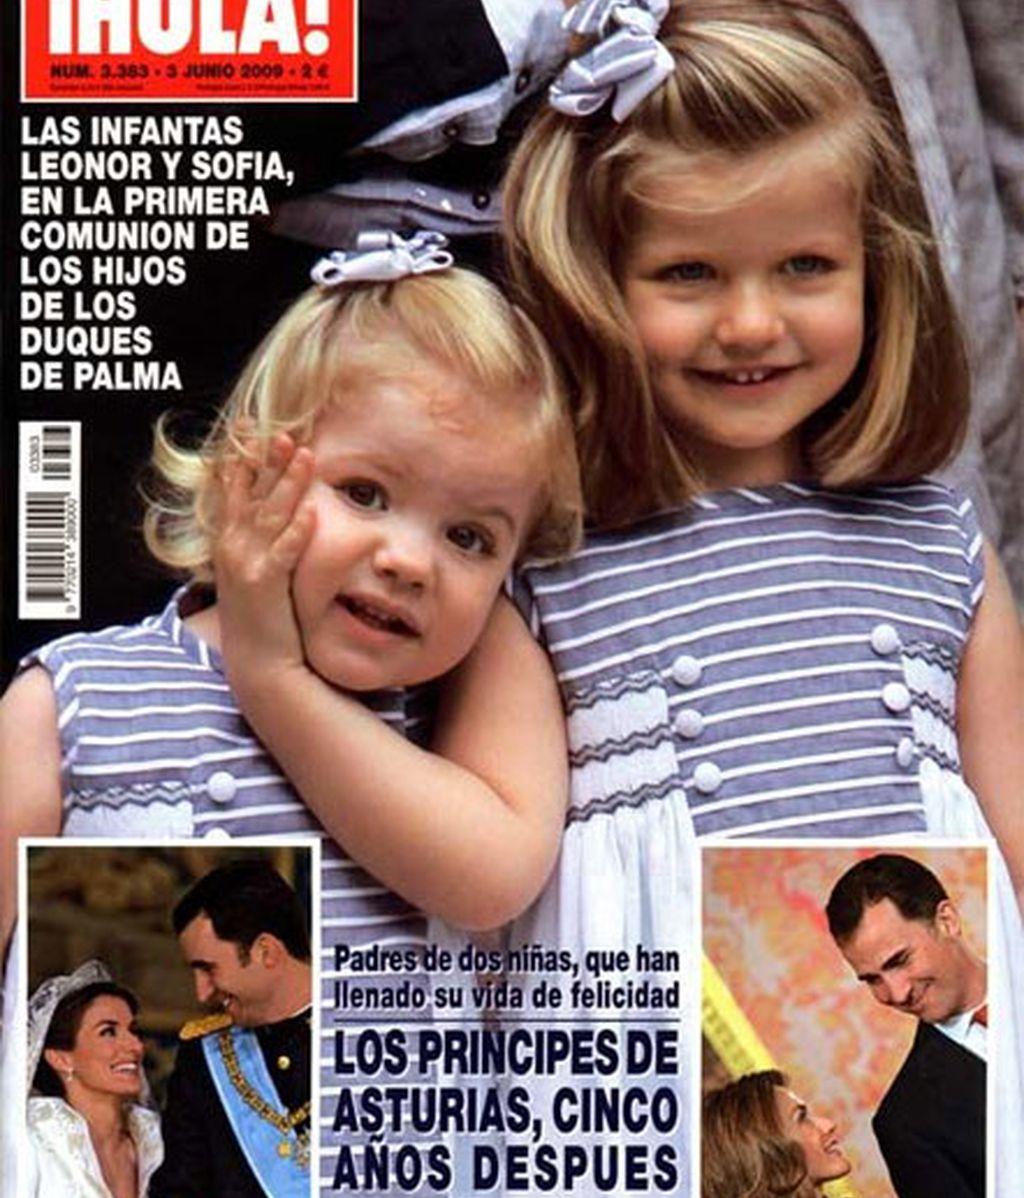 Infantas Leonor y Sofía